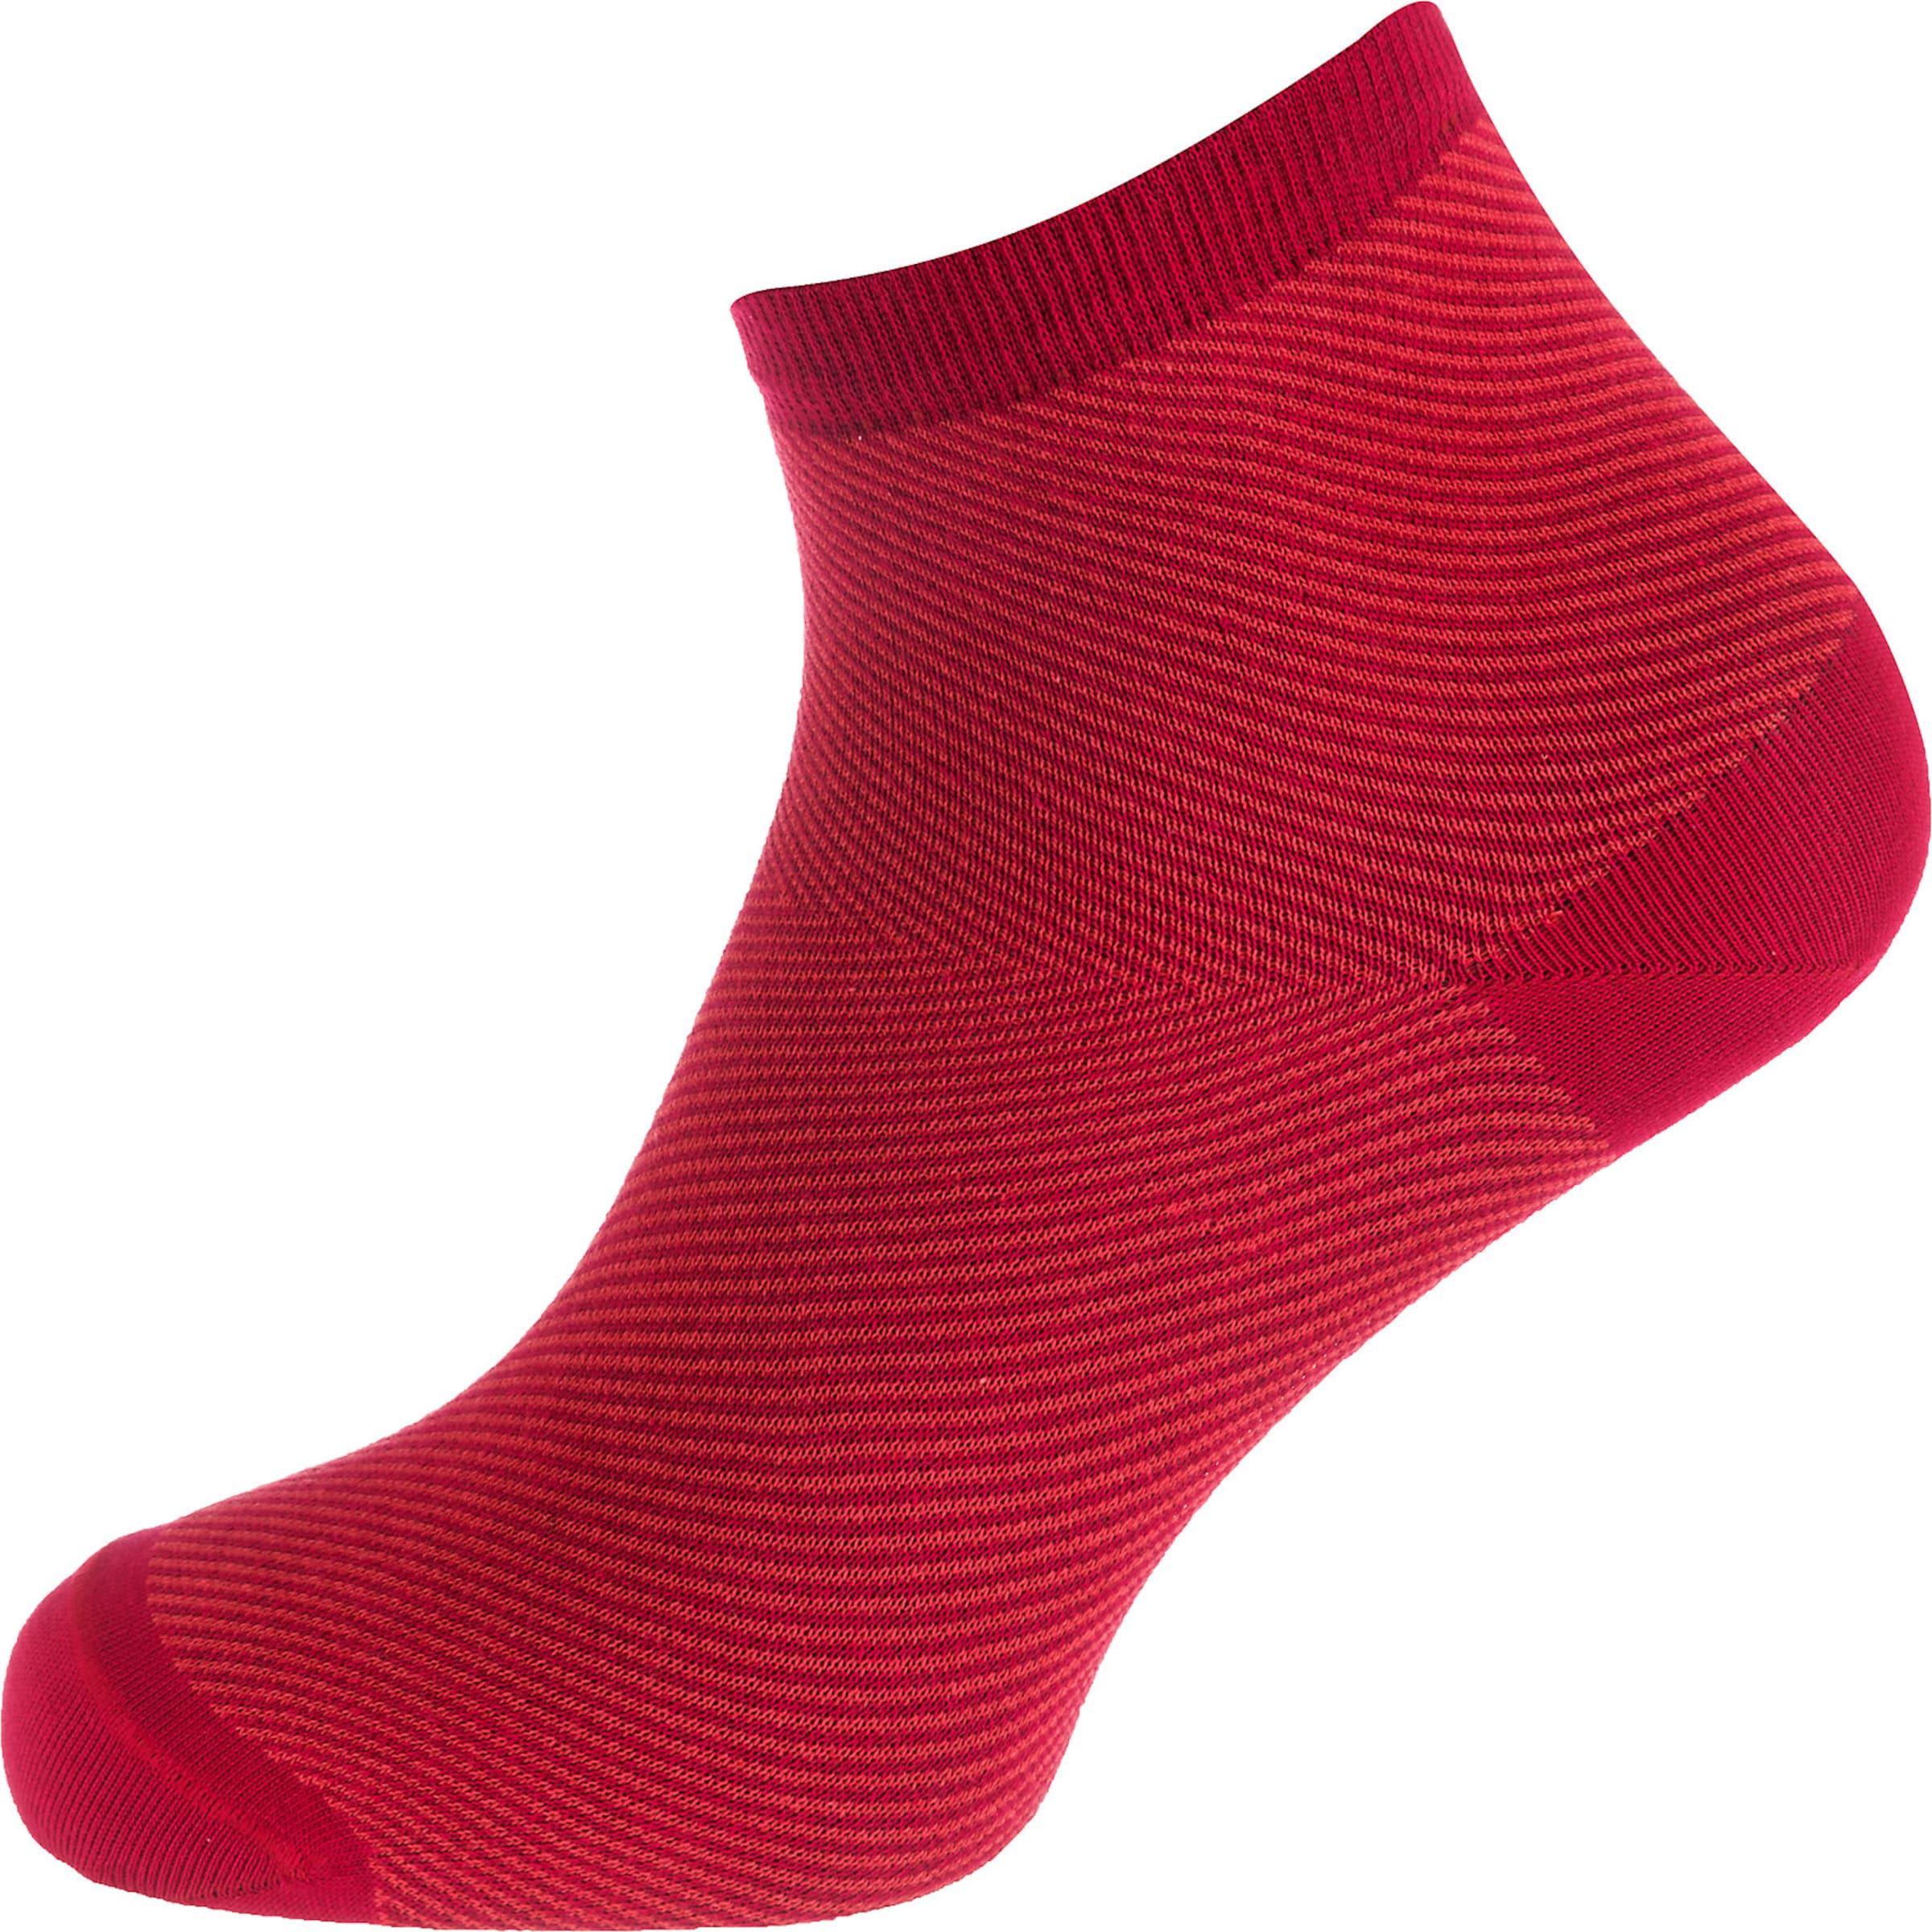 Rot Esprit Socken Esprit Esprit In Socken In Rot VMSzqUpG